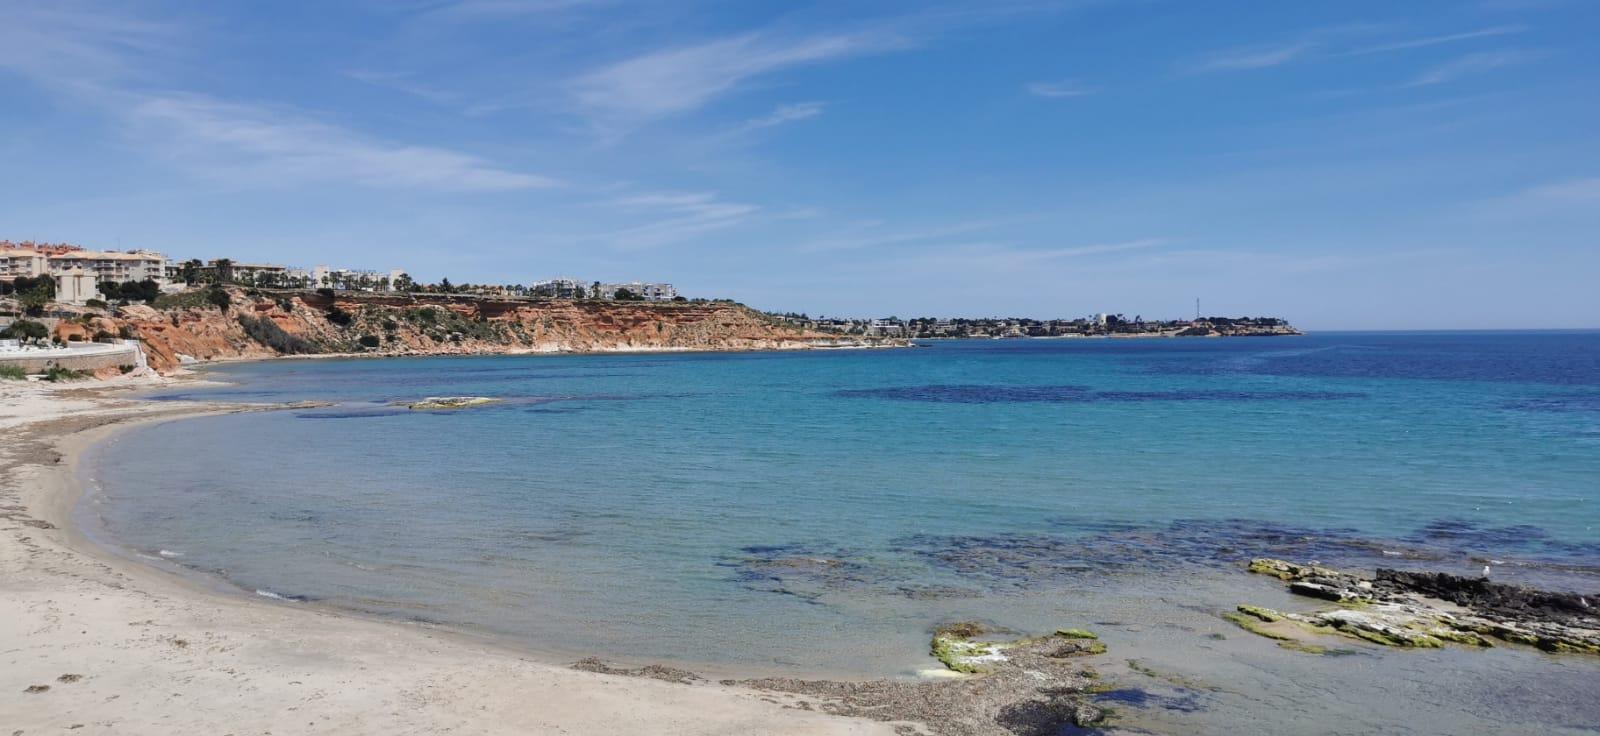 Cabo Roig heute - Wow! Neue Immobilie zum Verkauf hier!